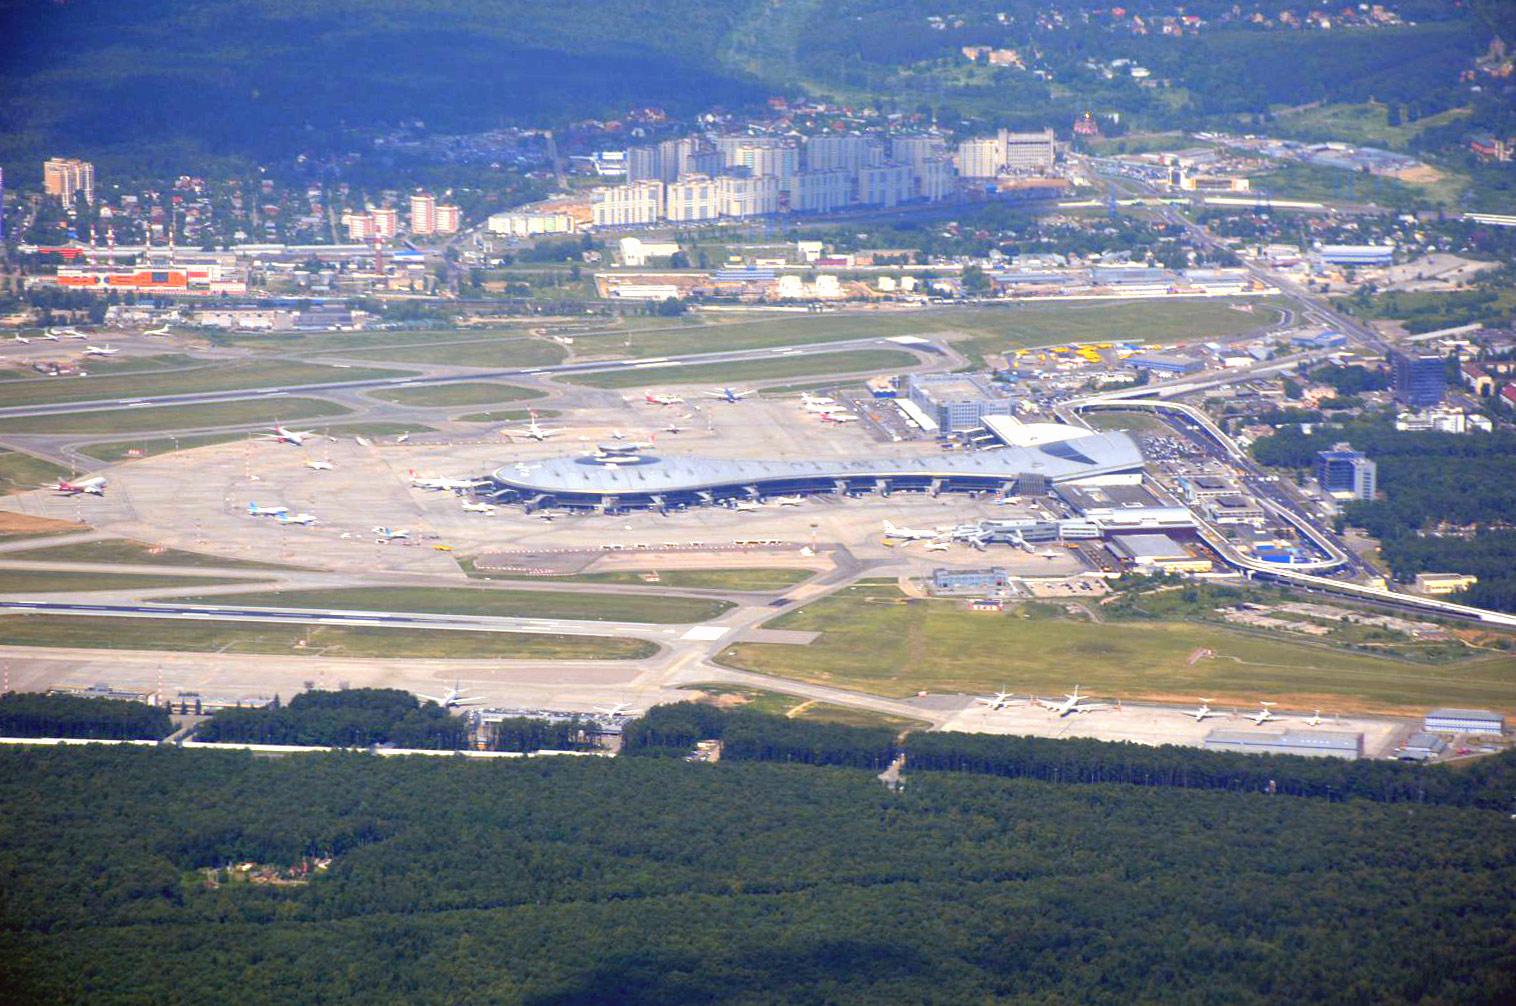 Пассажирские терминалы и перрон аэропорта Внуково